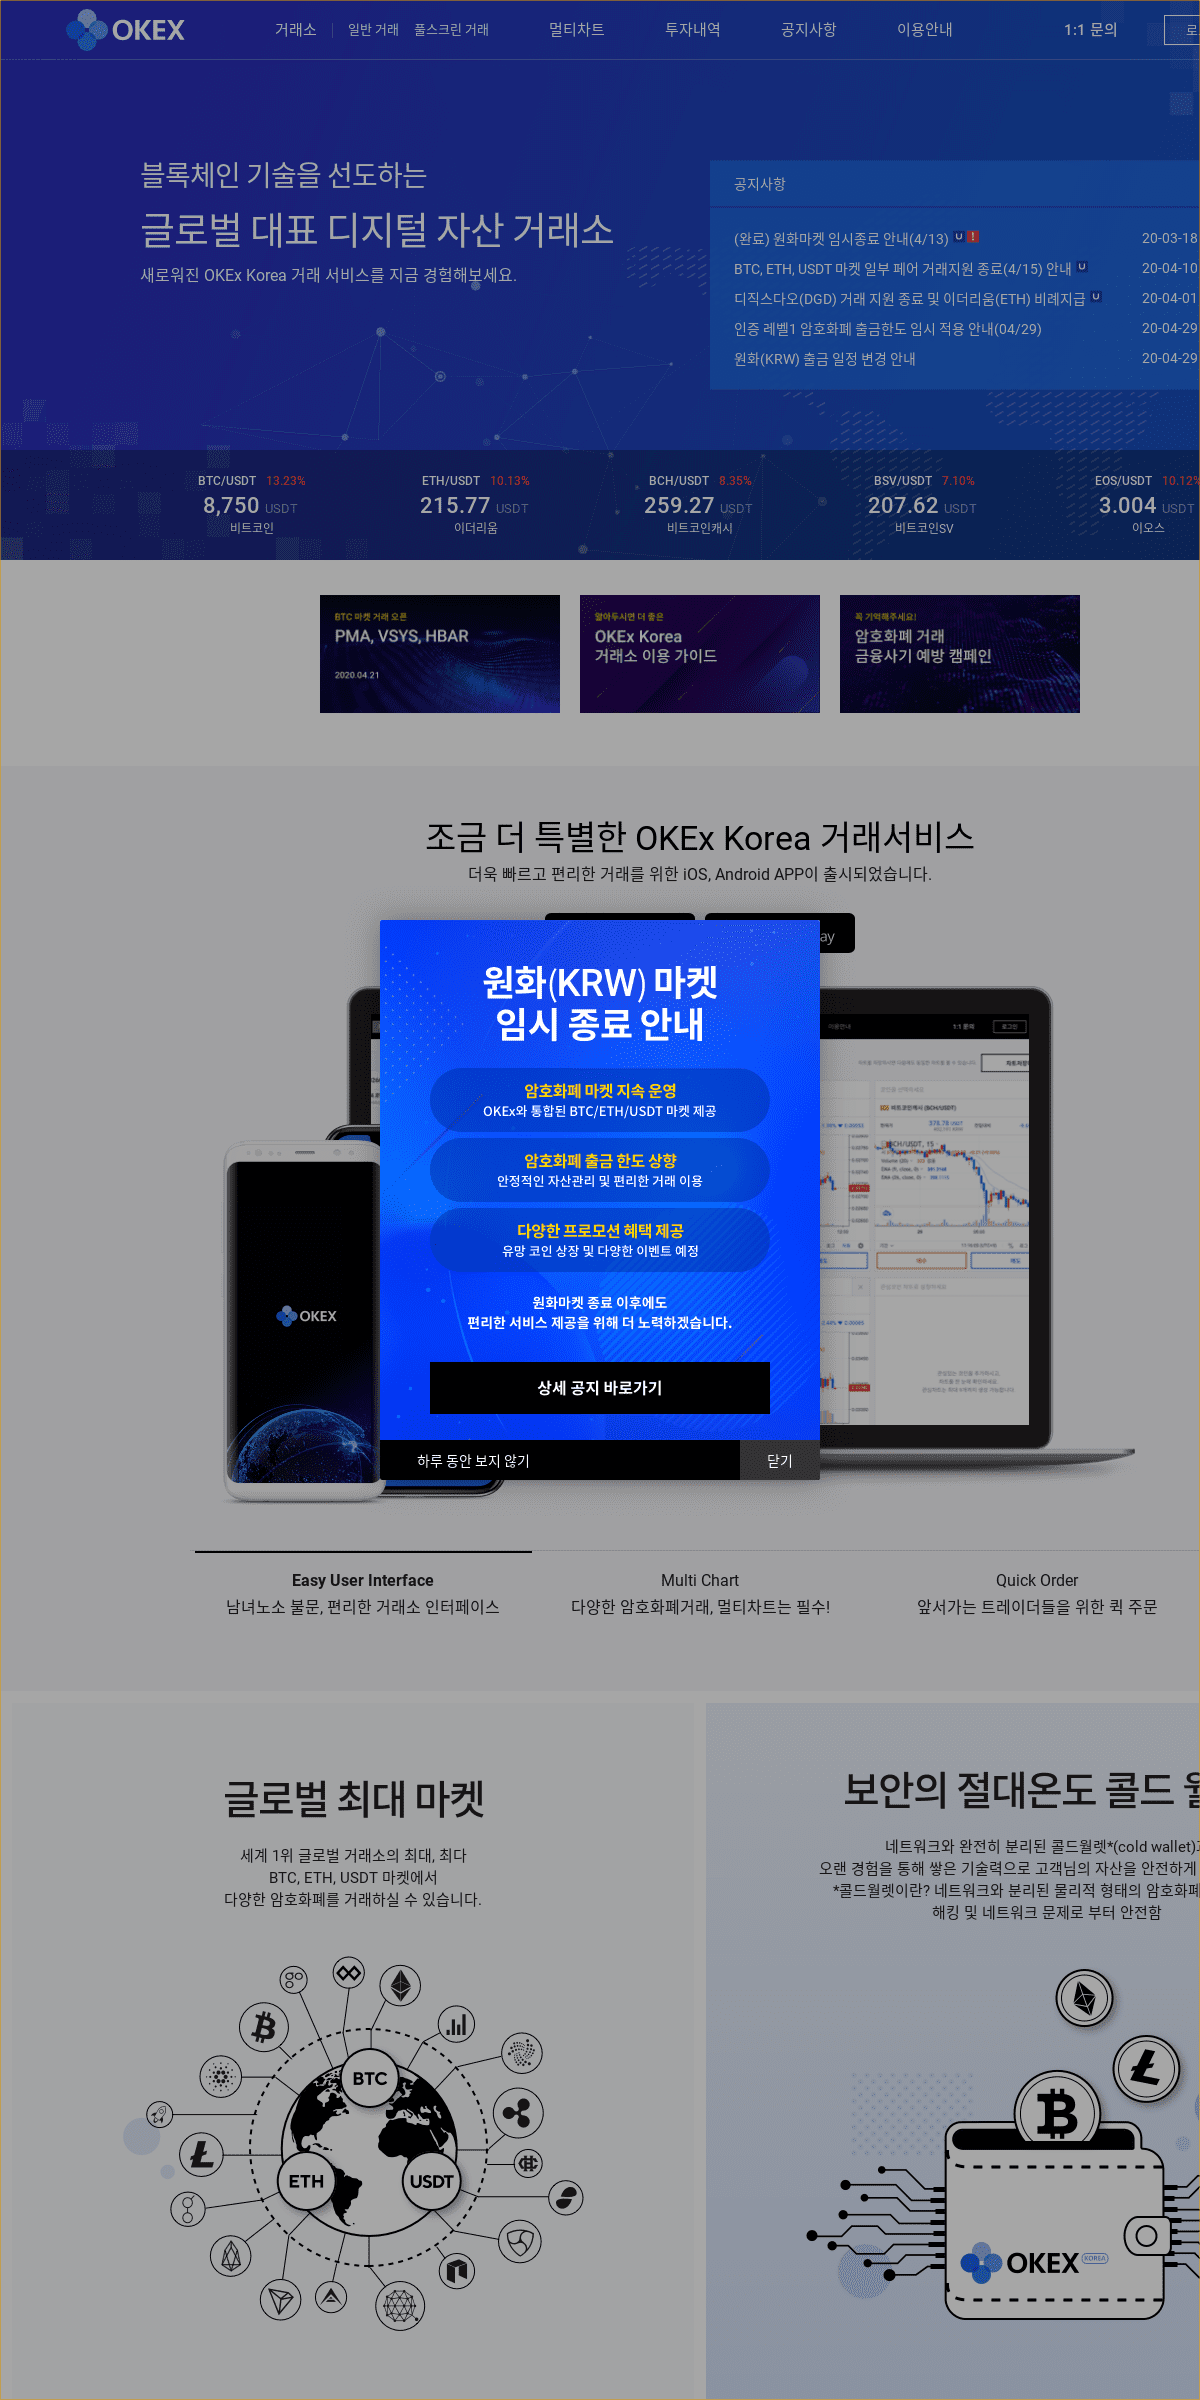 OKEx Korea